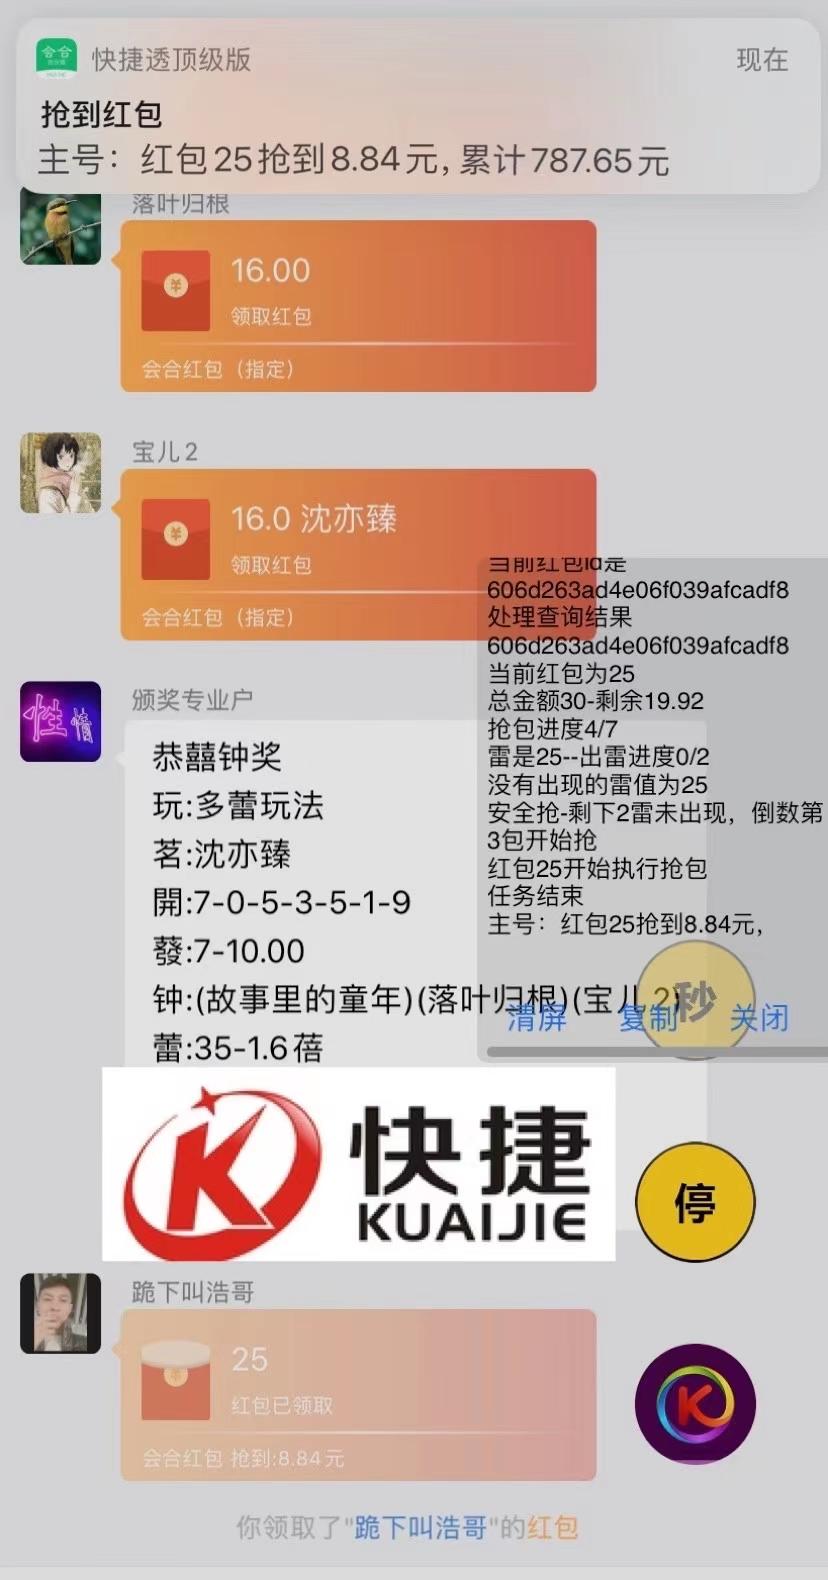 【会合快捷秒月卡】苹果版